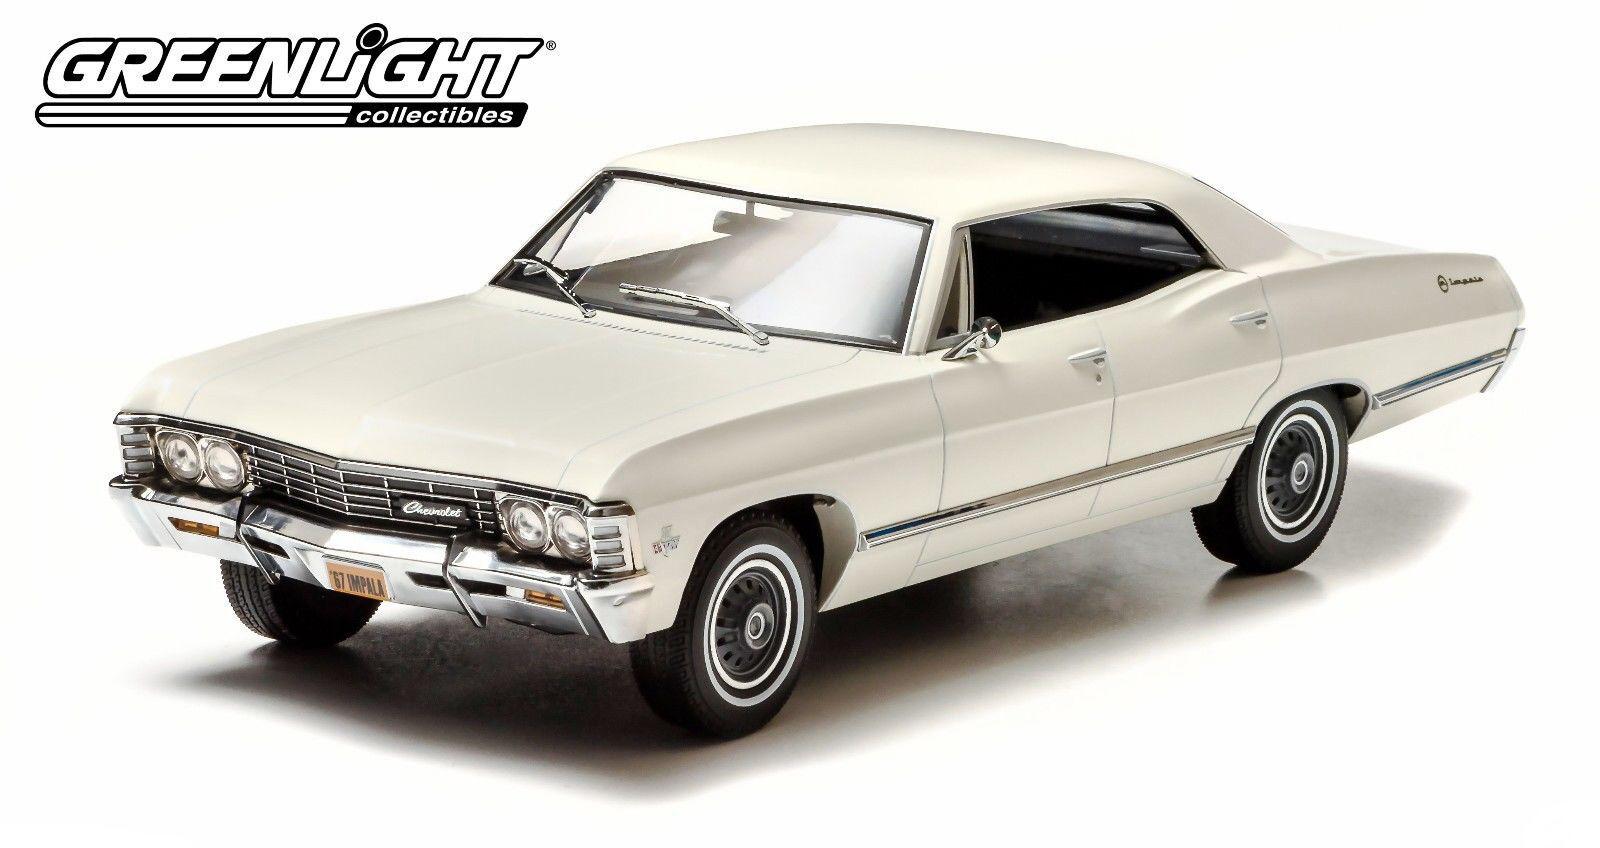 verdelight Artisan Collection  1967 Chevy Impala Sport 4 puertas Sedan 1 18 Escala